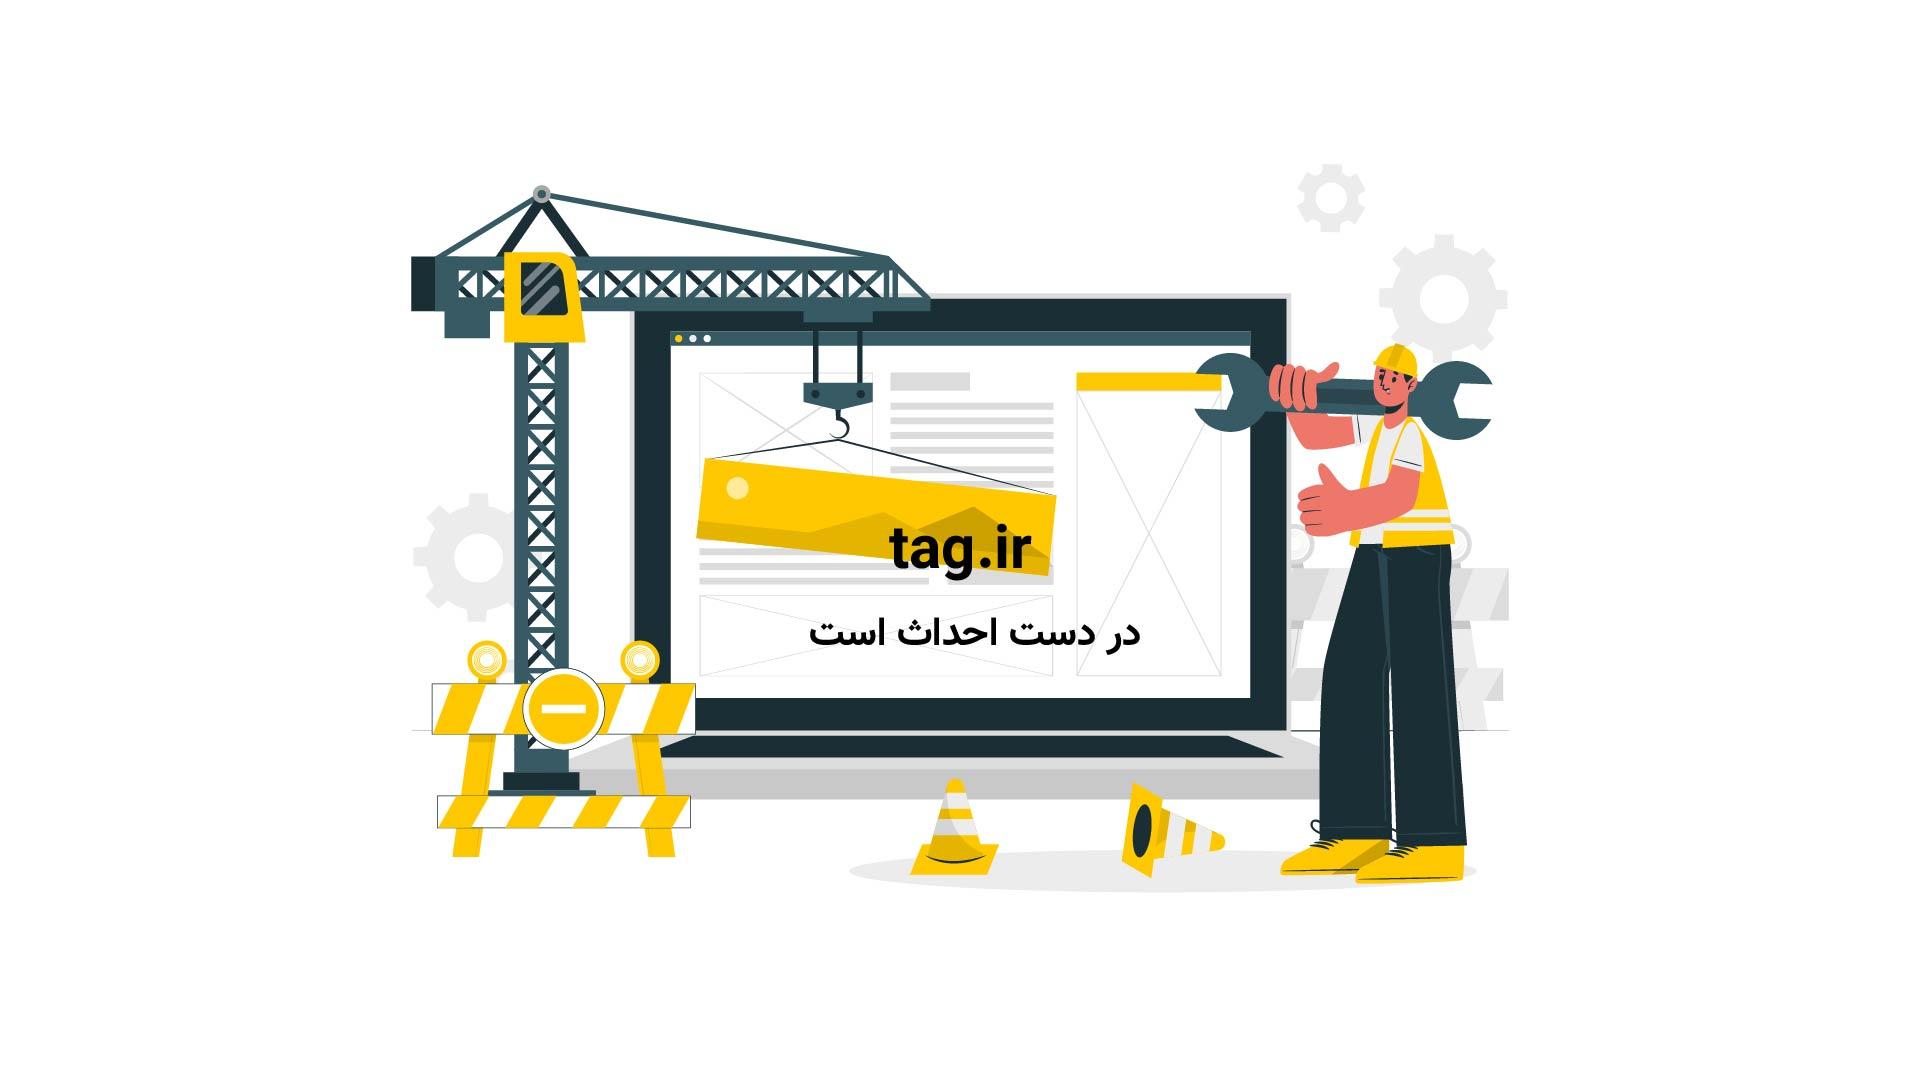 آموزش تهیه کراکر با روکش شکلات و کارامل | فیلم